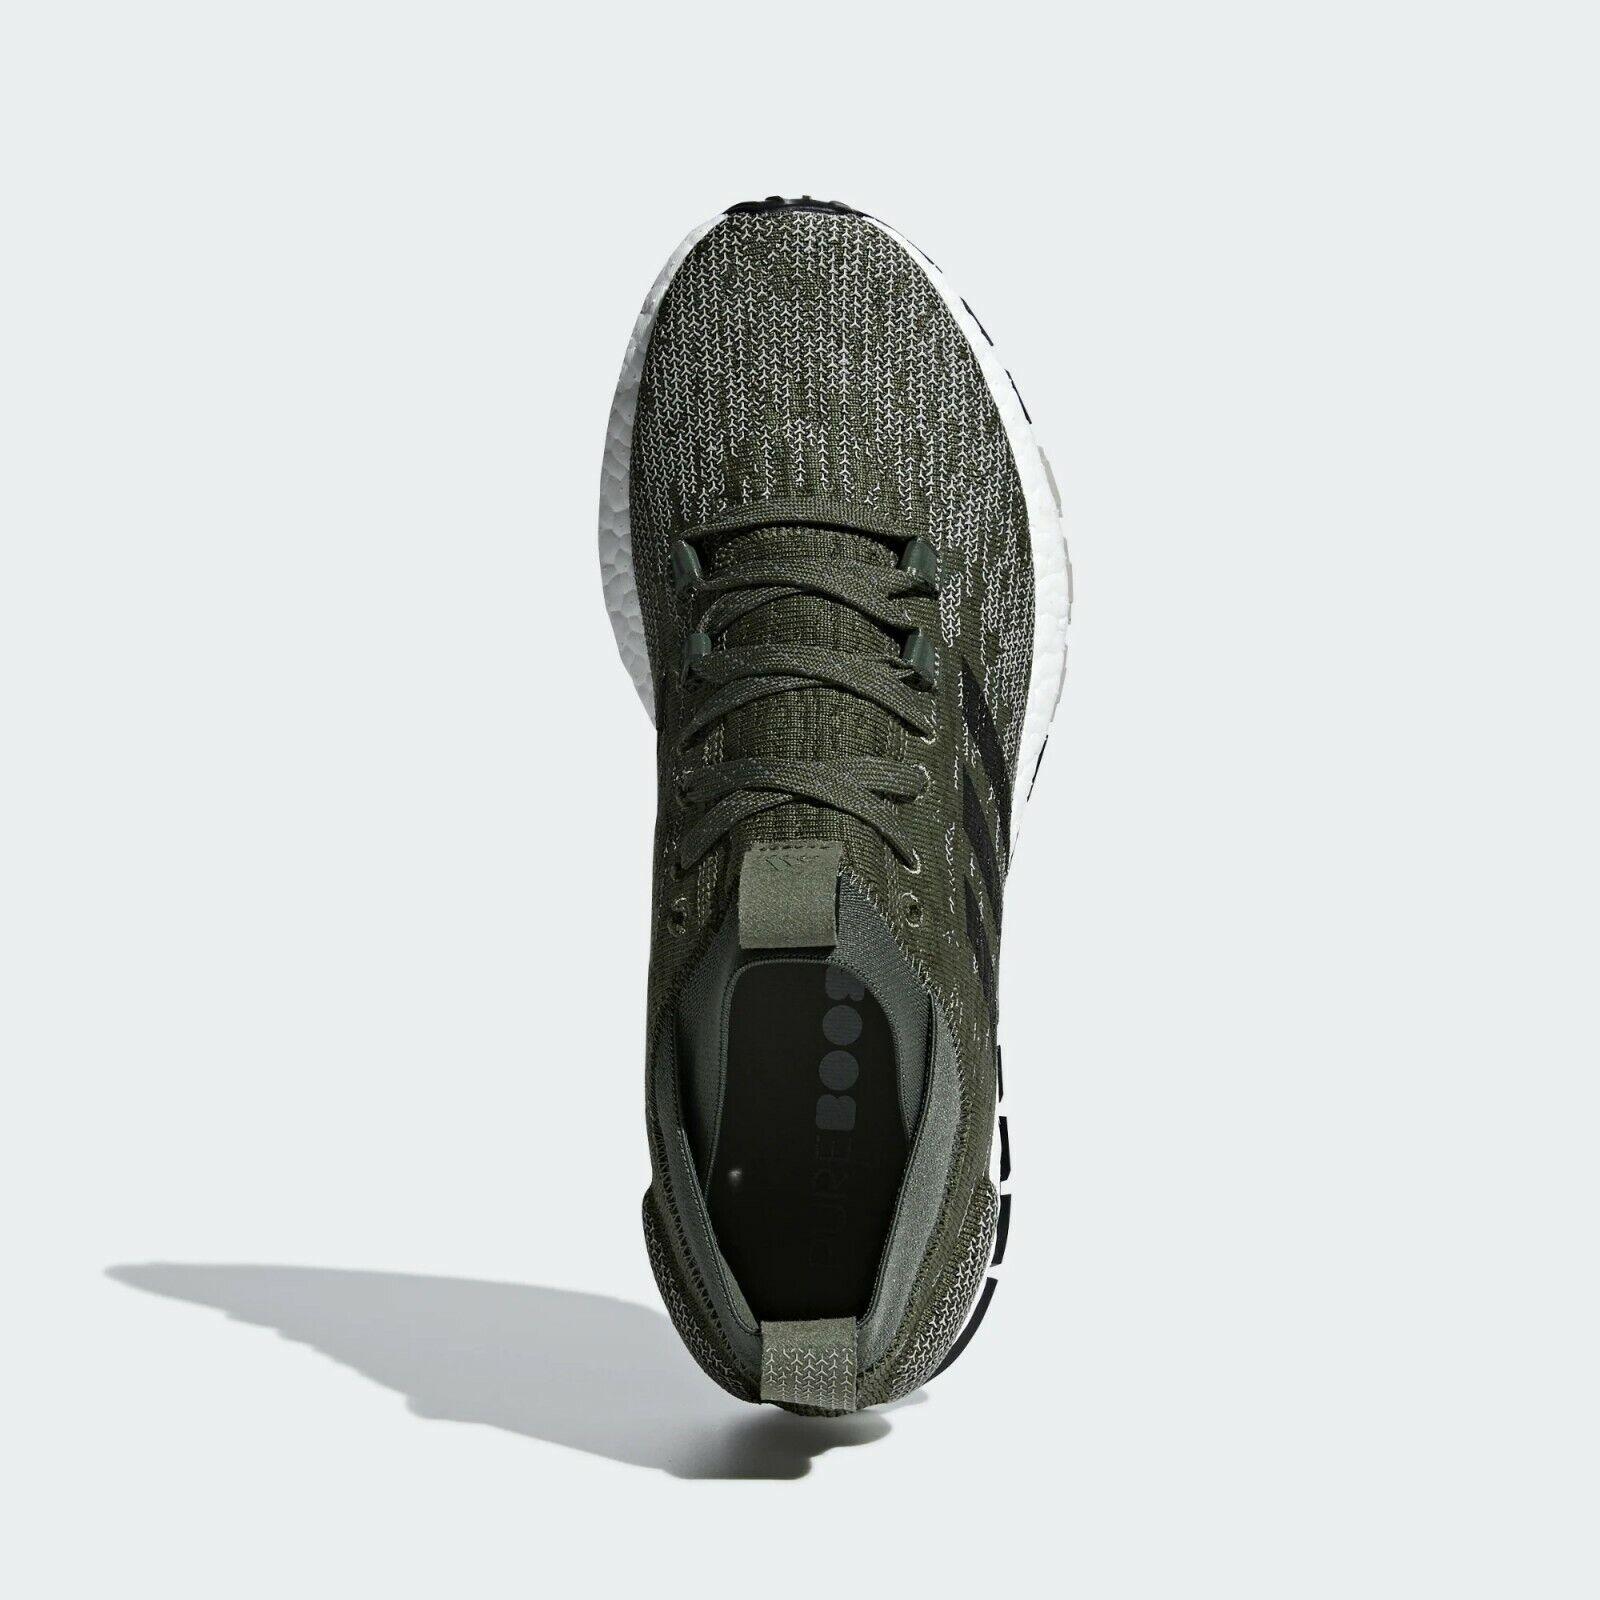 New New New Adidas Pureboost RBL Running schuhe CM8312 US8-10 pure boost ultra ultraboost f68897